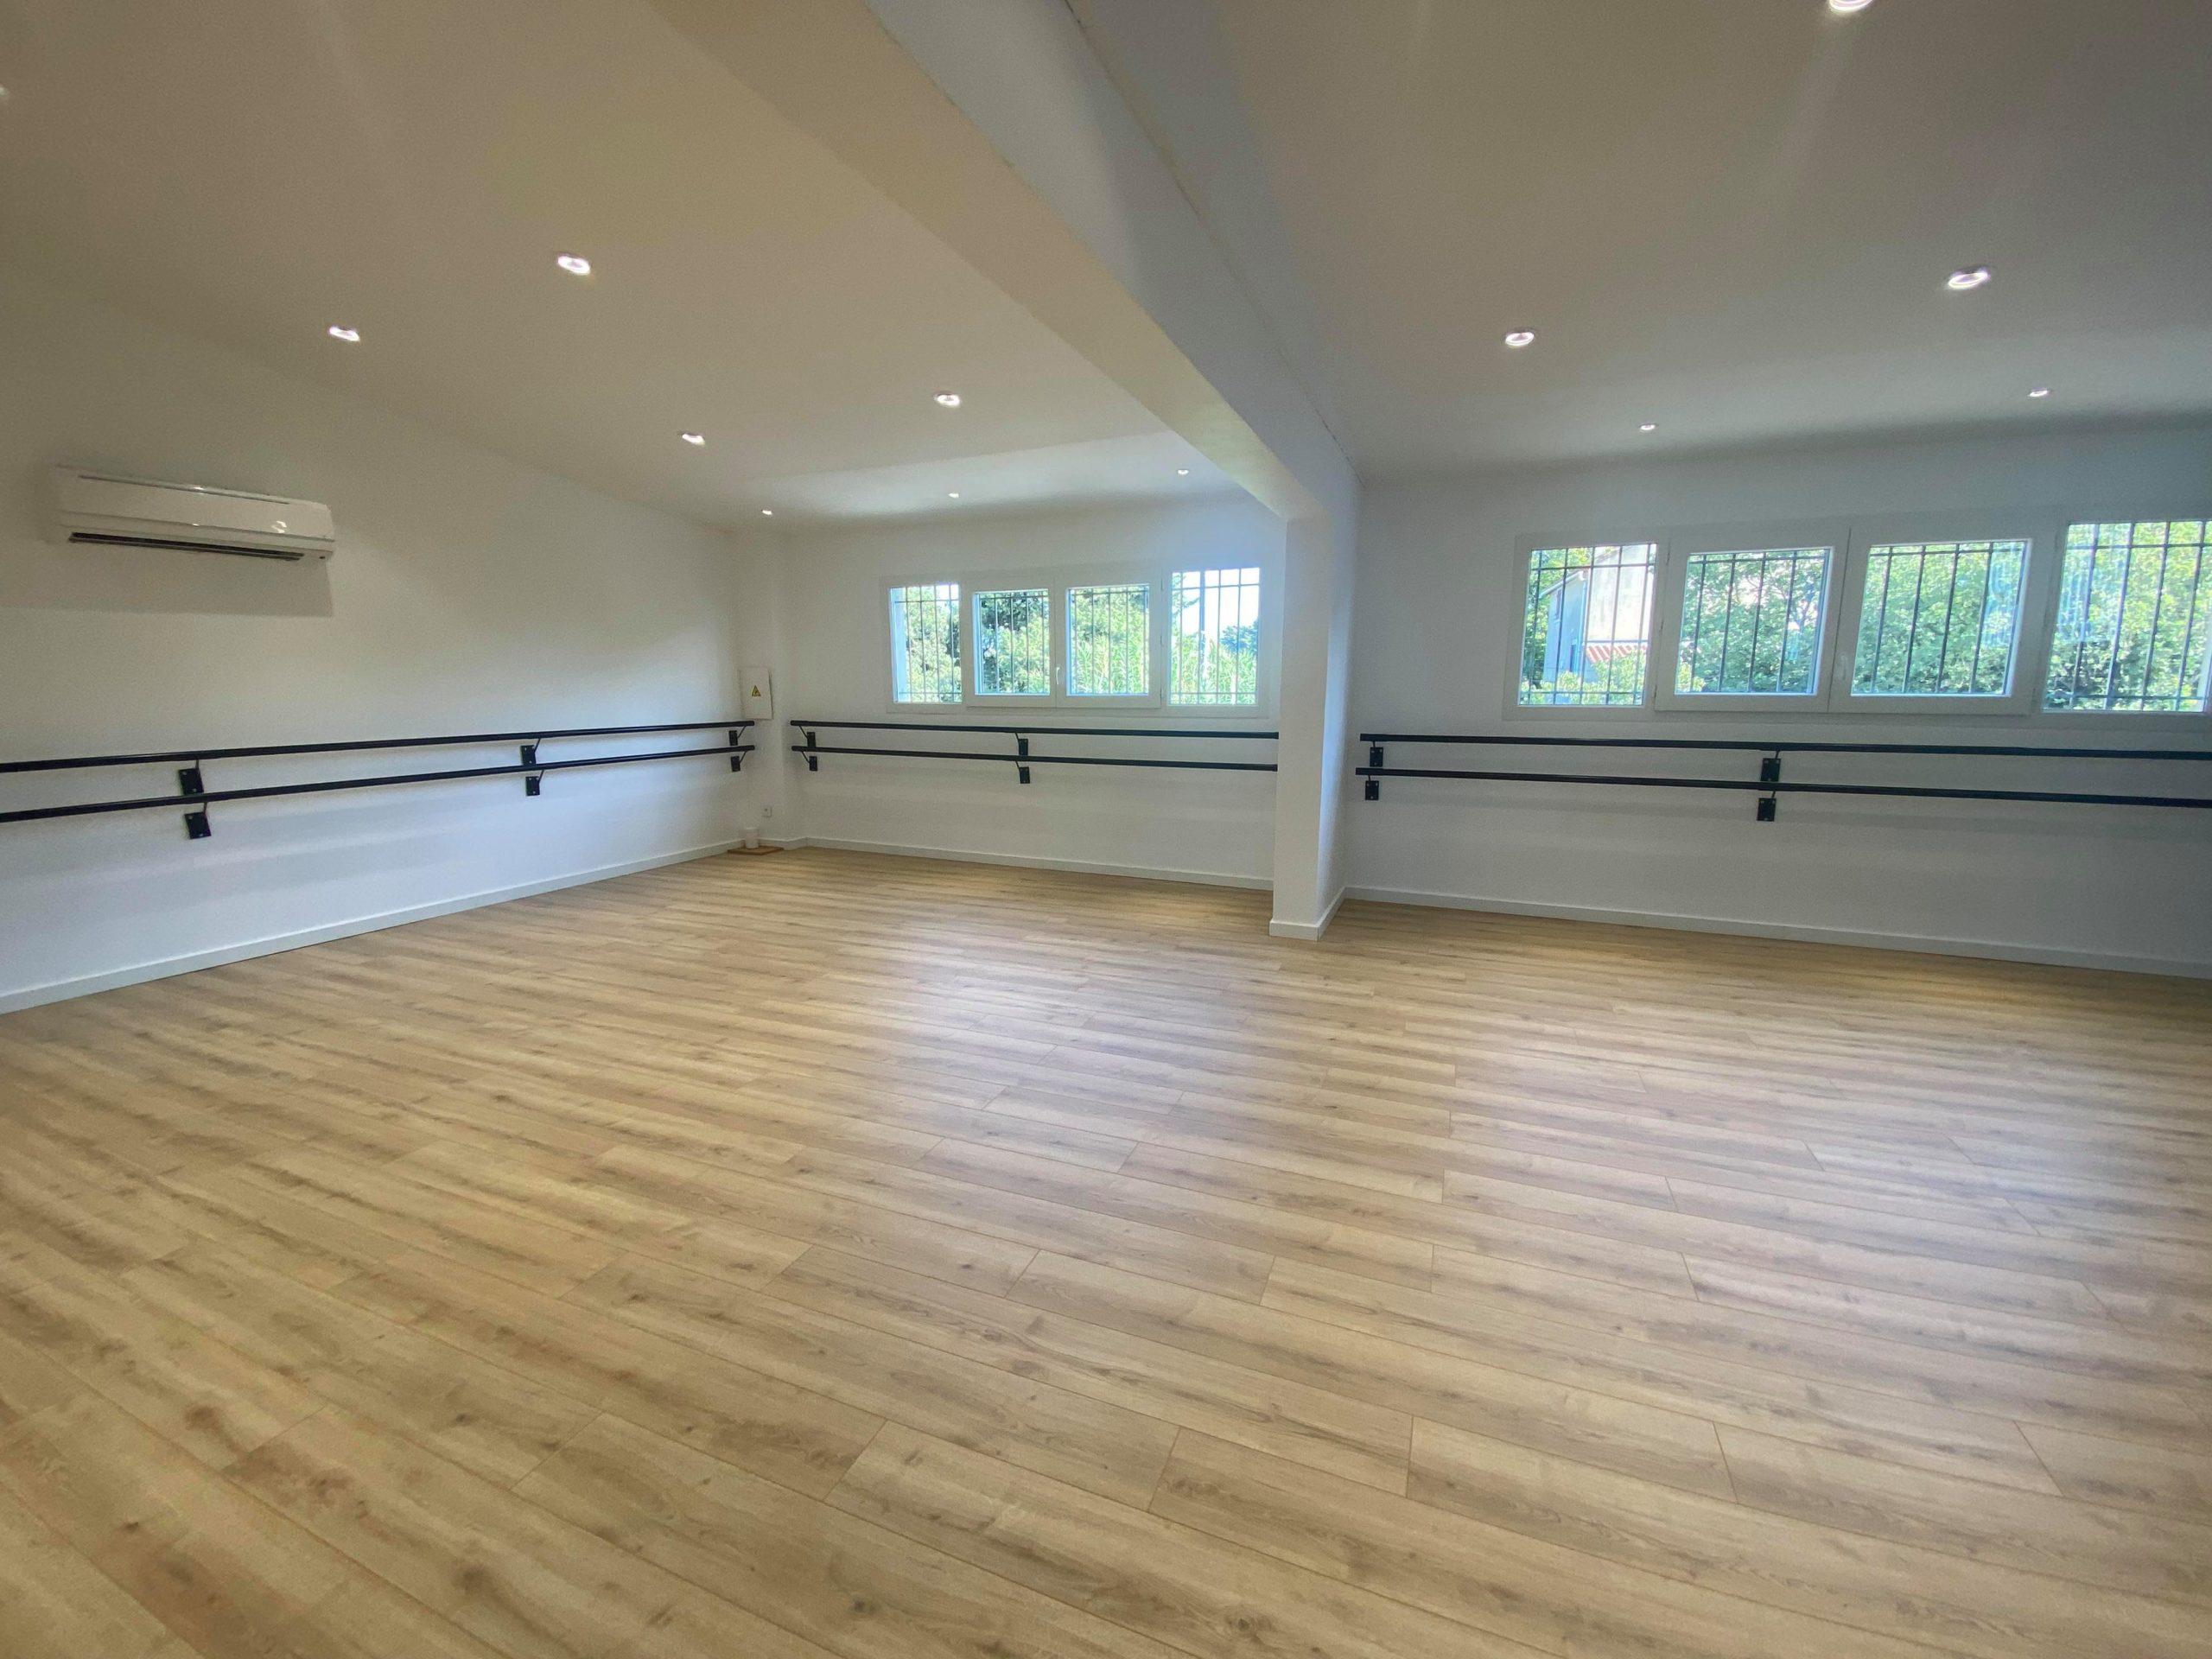 école de danse carla raiess à ollioules